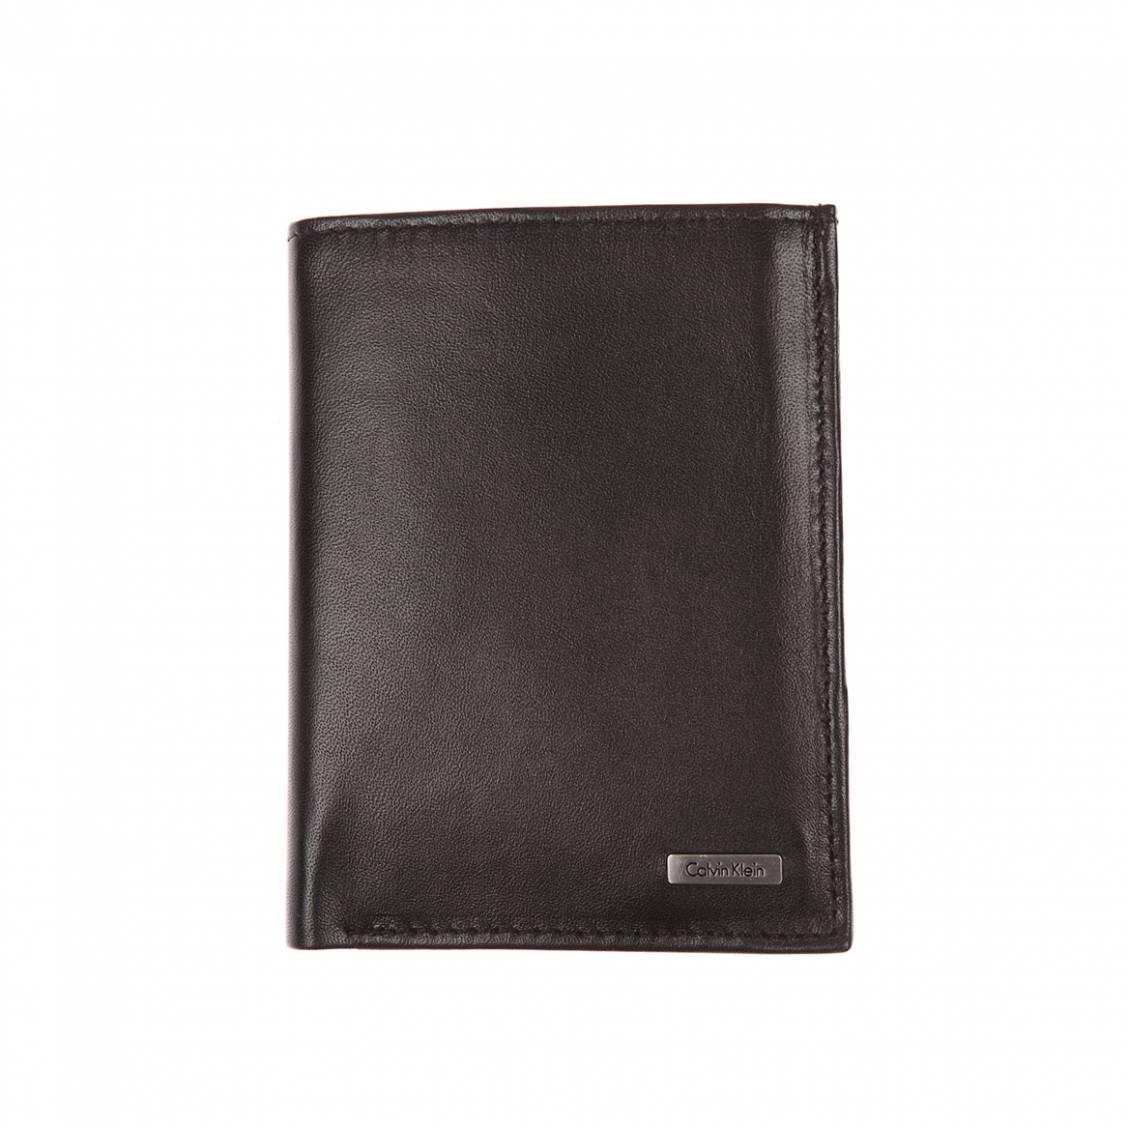 Calvin Klein Portefeuille européen en cuir - 8 cartes Noir rjTF0Su2